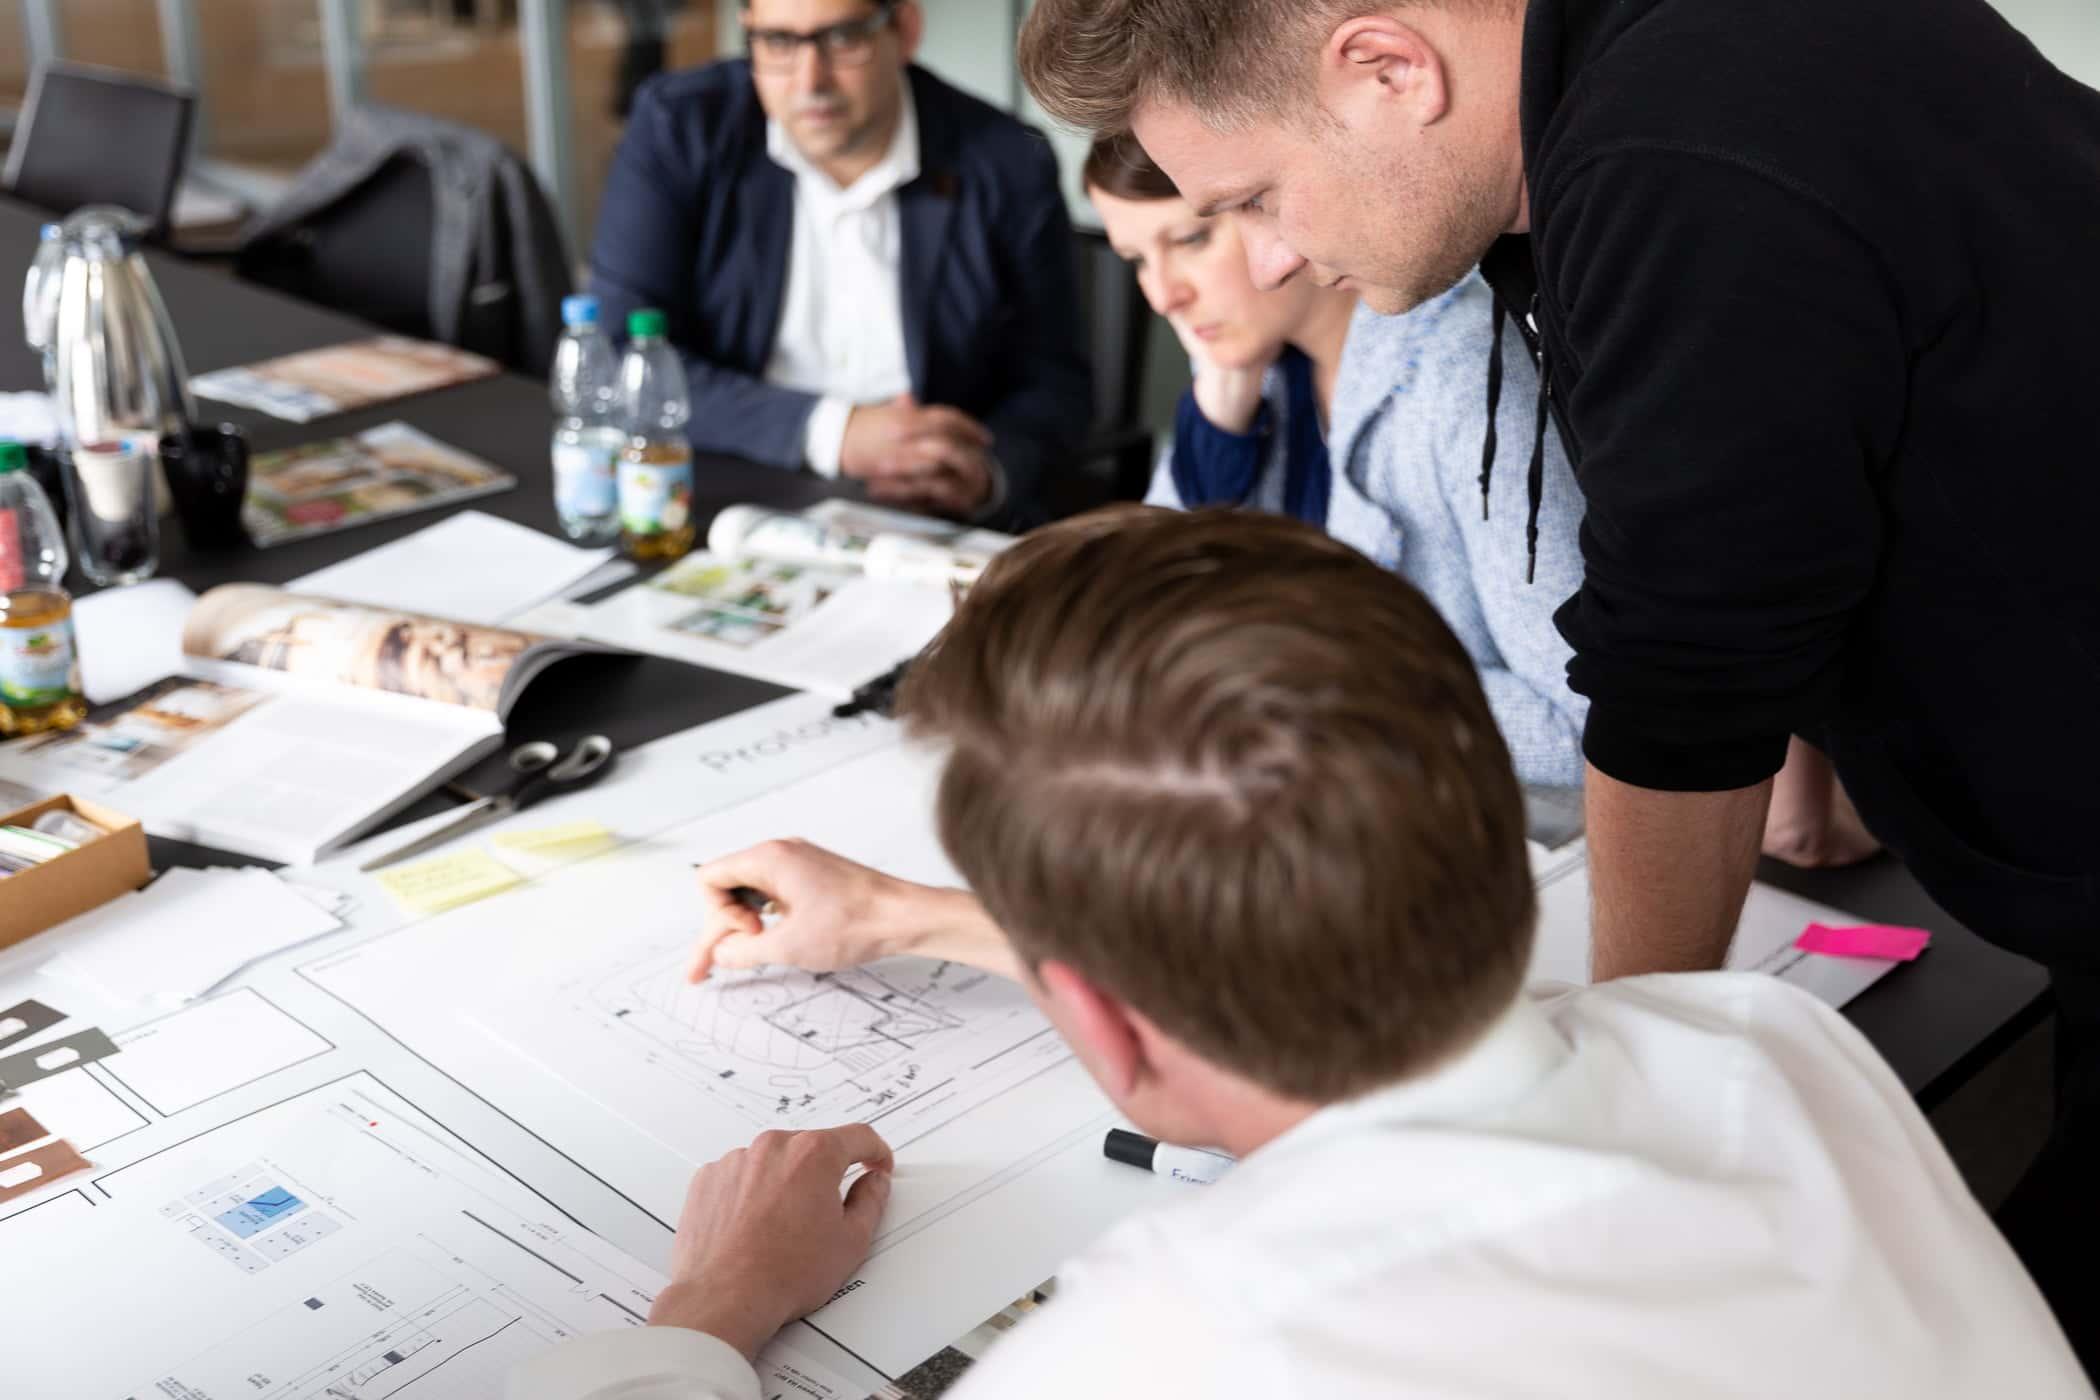 Teilnehmer der Masterclass Agile Leadership von Me & Company arbeiten co-kreativ zusammen